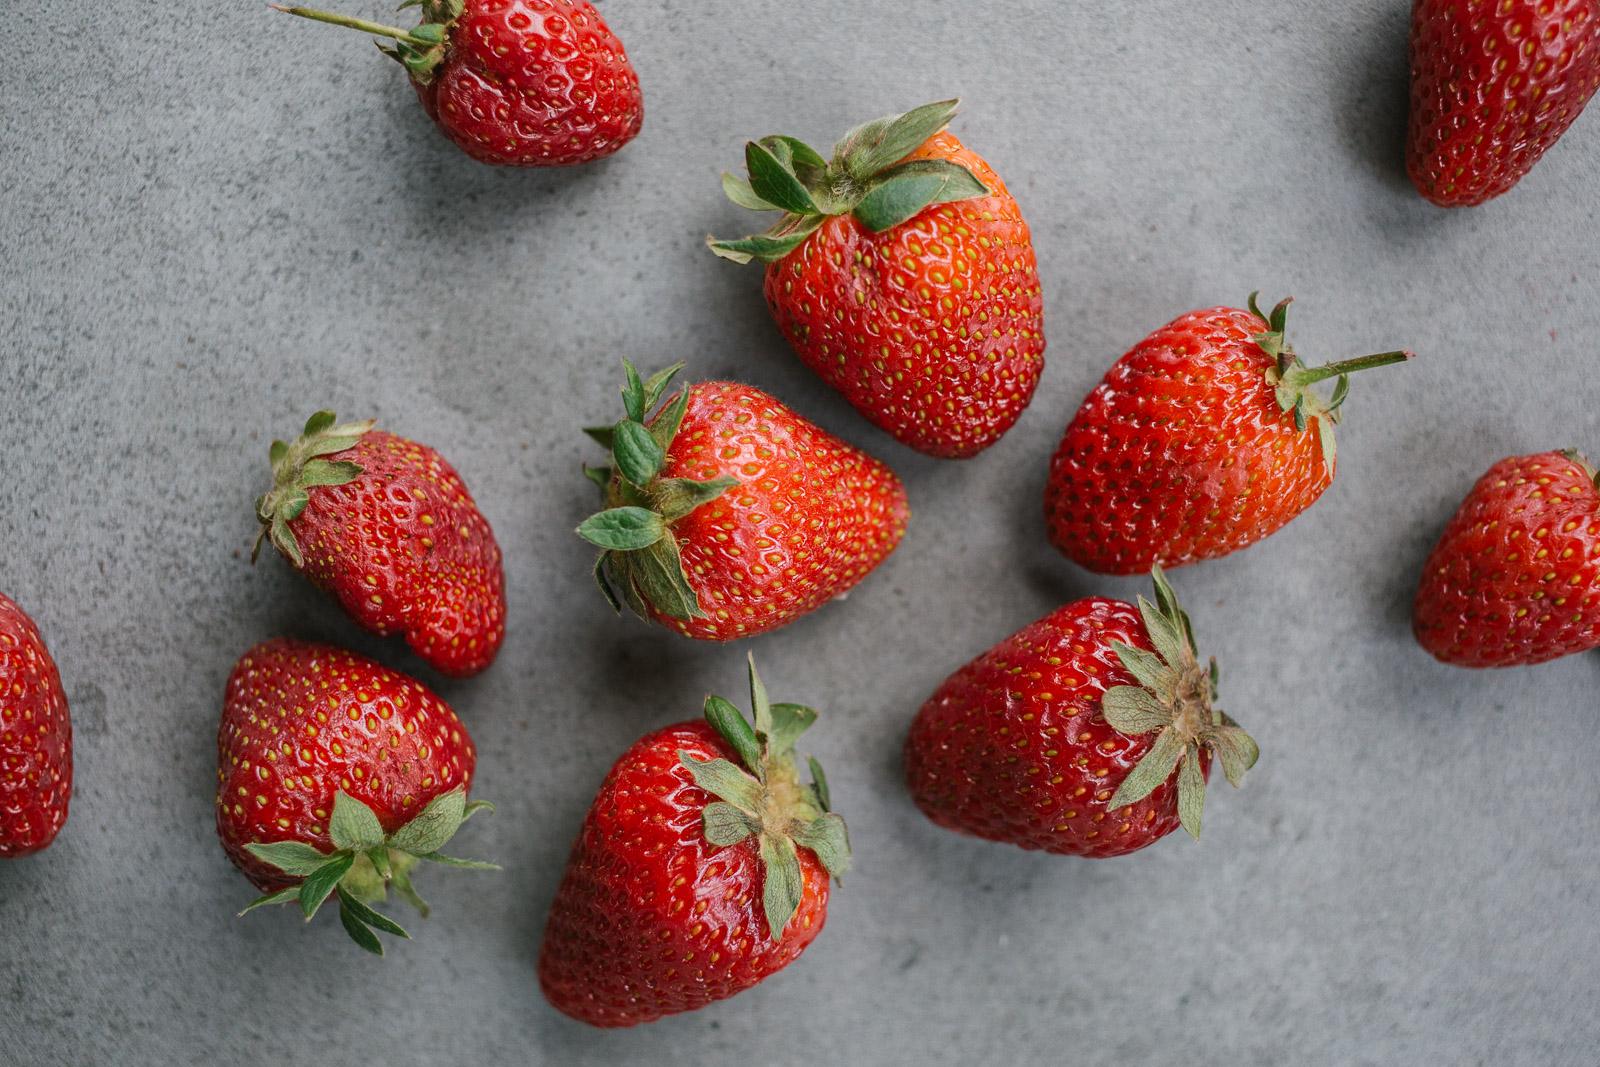 strawberries-9092.jpg